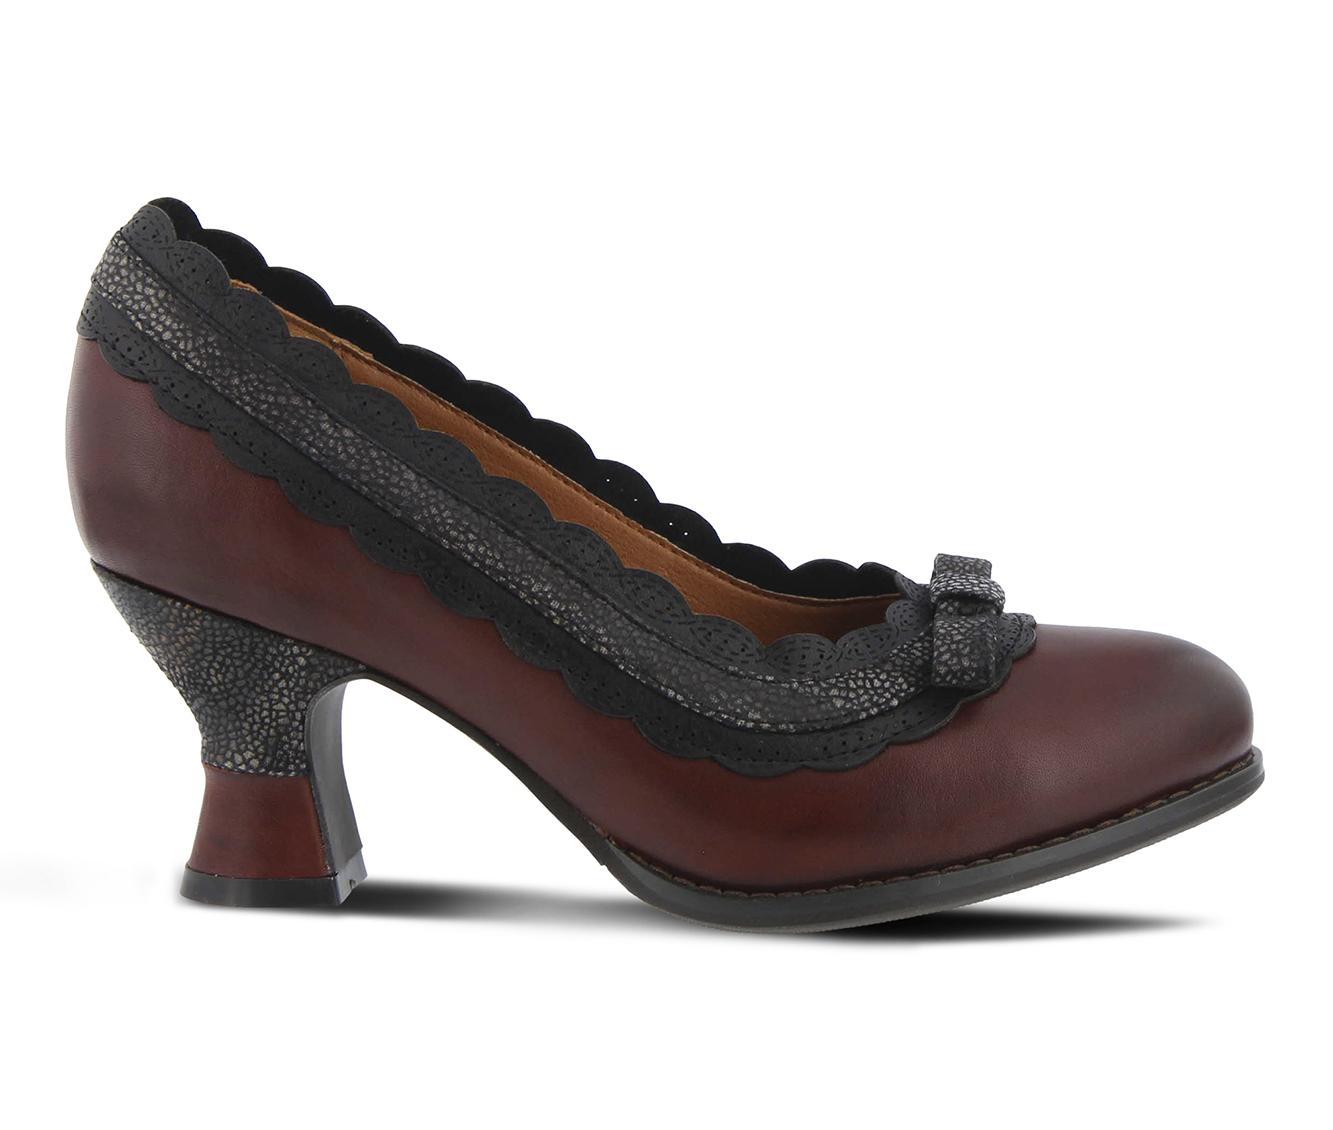 L'Artiste Kirstie Women's Dress Shoe (Red Leather)